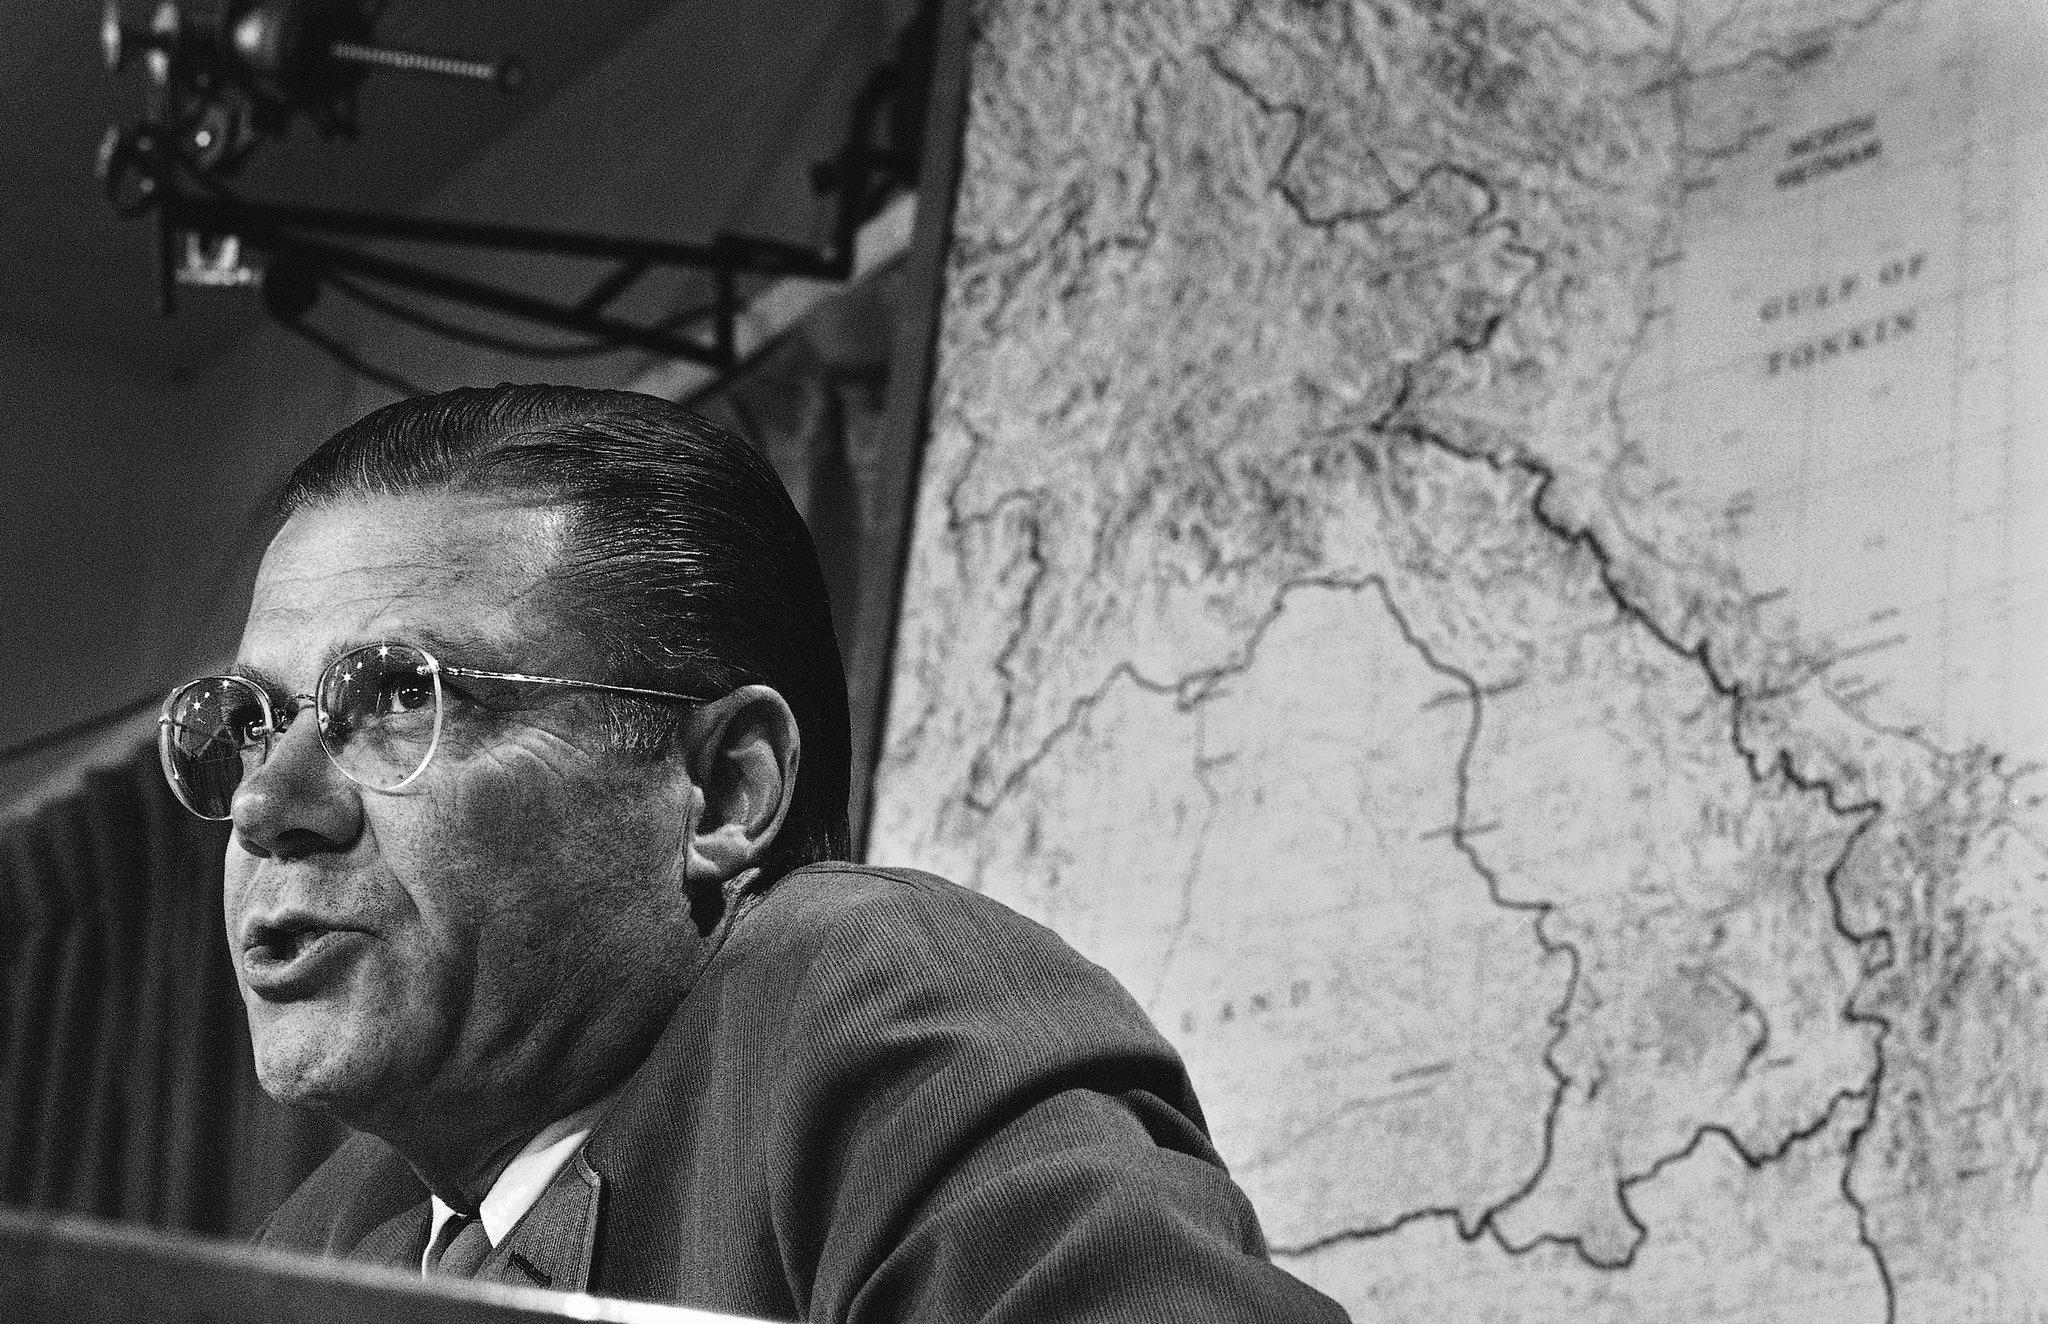 Nhìn lại vai trò của McNamara trong Chiến tranh Việt Nam